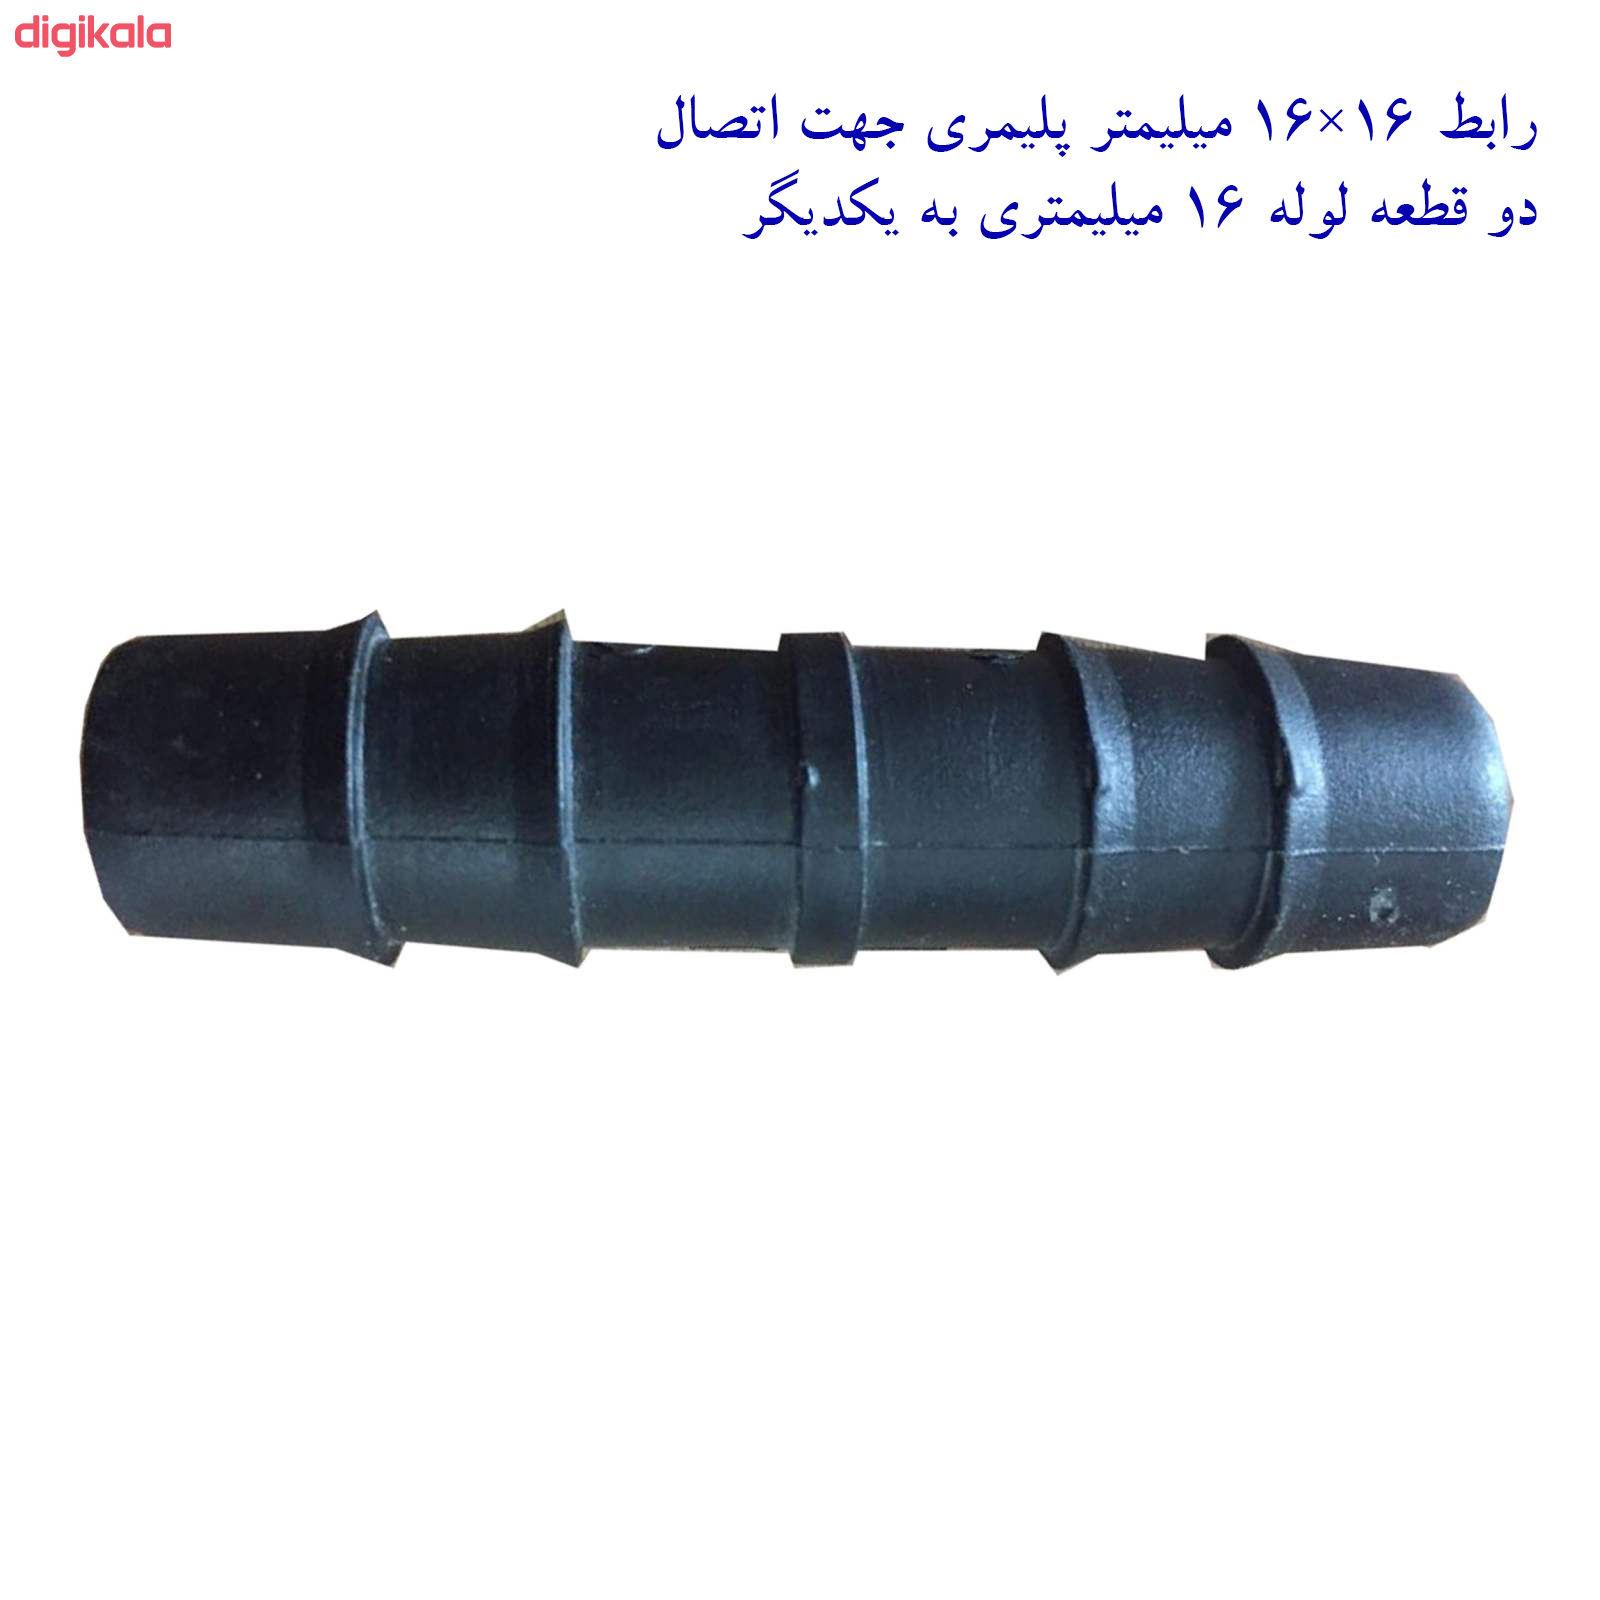 لوازم آبیاری قطره ای تهران دریپ مدل ALFA-100 مجموعه 100 عددی main 1 8